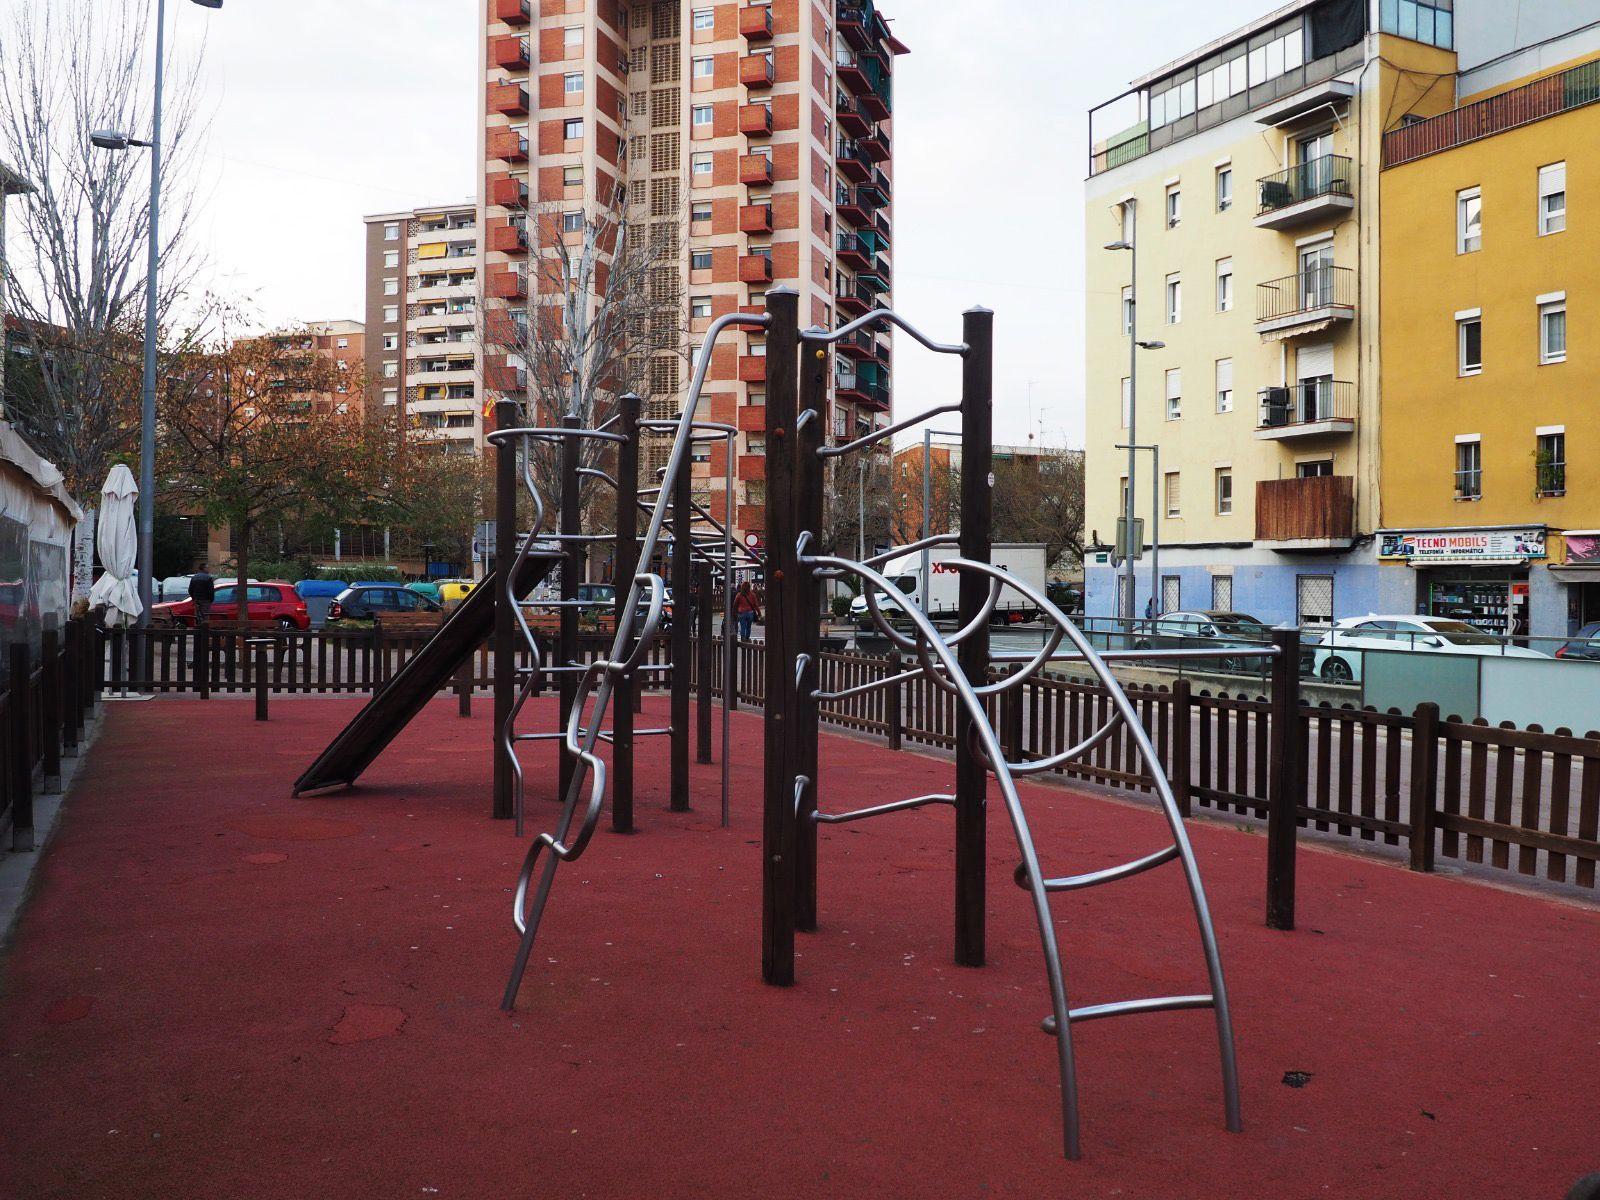 Parc infantil buit al centre de la ciutat. FOTO: Mónica García Moreno